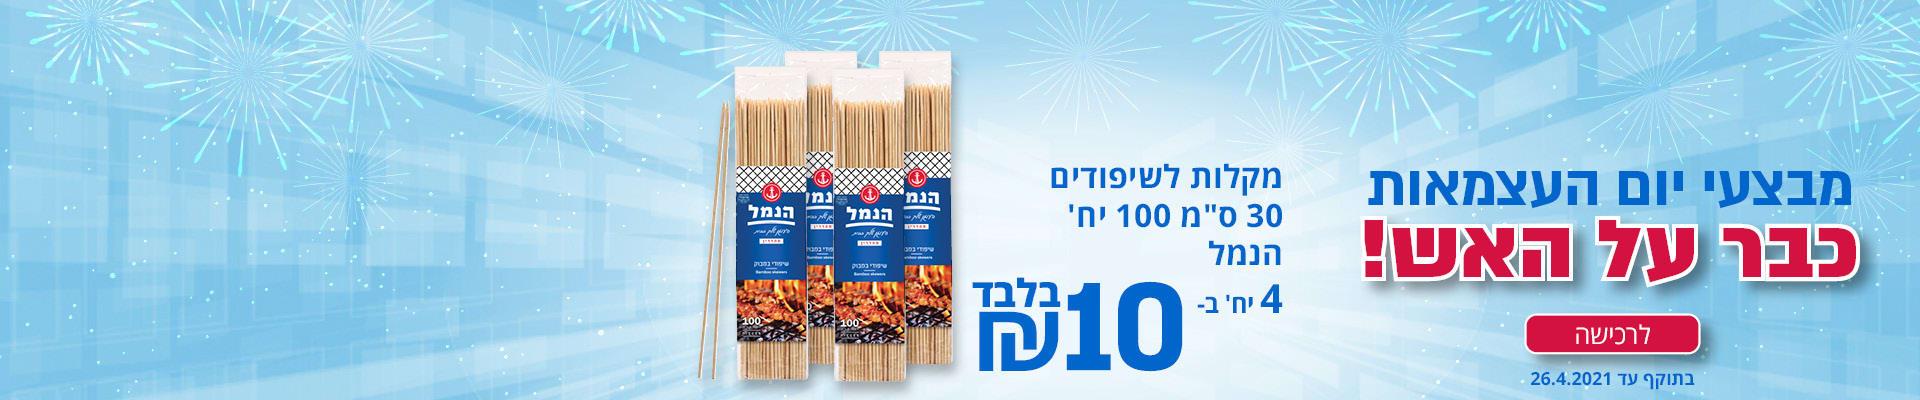 """מבצעי יום העצמאות כבר על האש! מקלות לשיפודים 30 ס""""מ 100 יח' 4 יח' ב- 10 ₪ בלבד לרכישה בתוקף עד 19.4.2021"""